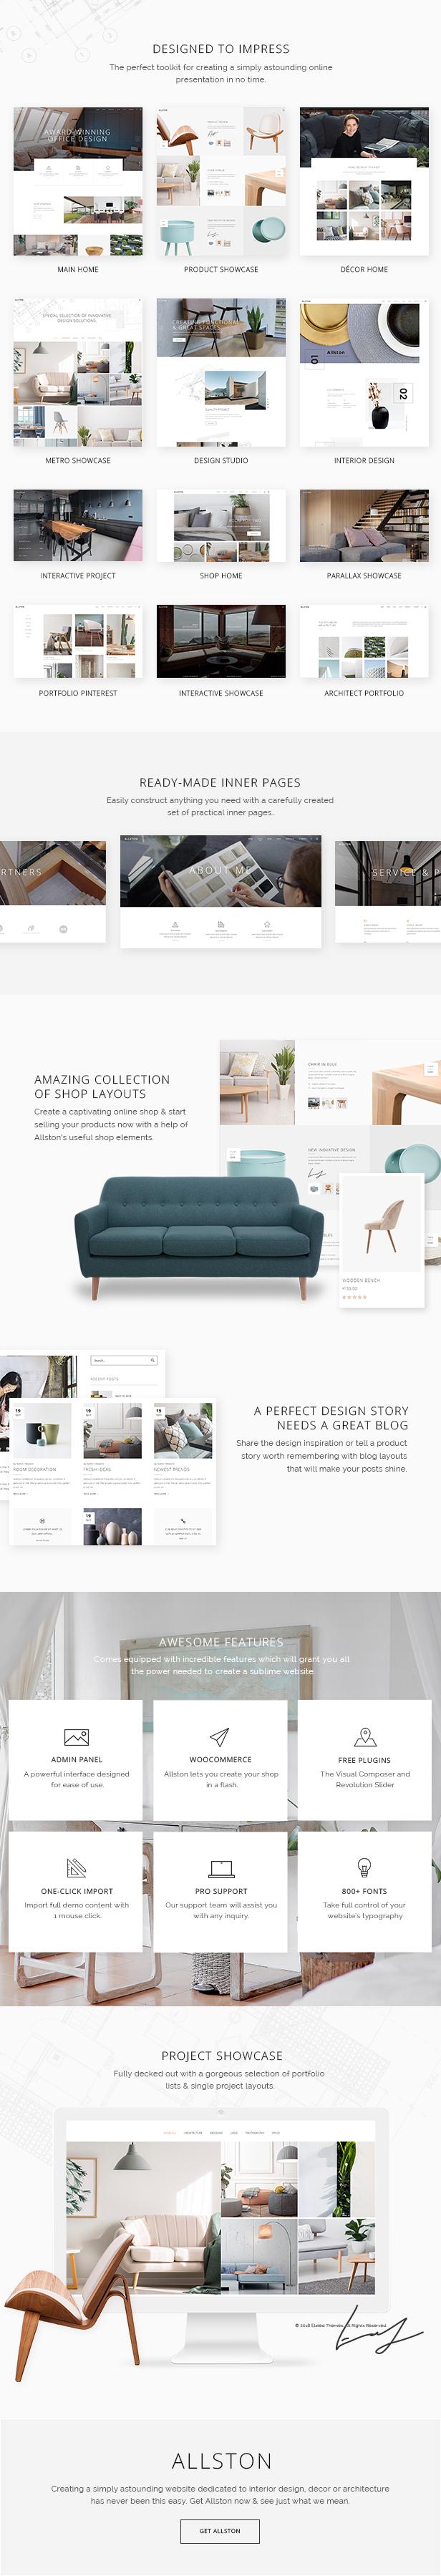 Allston - Contemporary Interior Design and Architecture Theme - 1